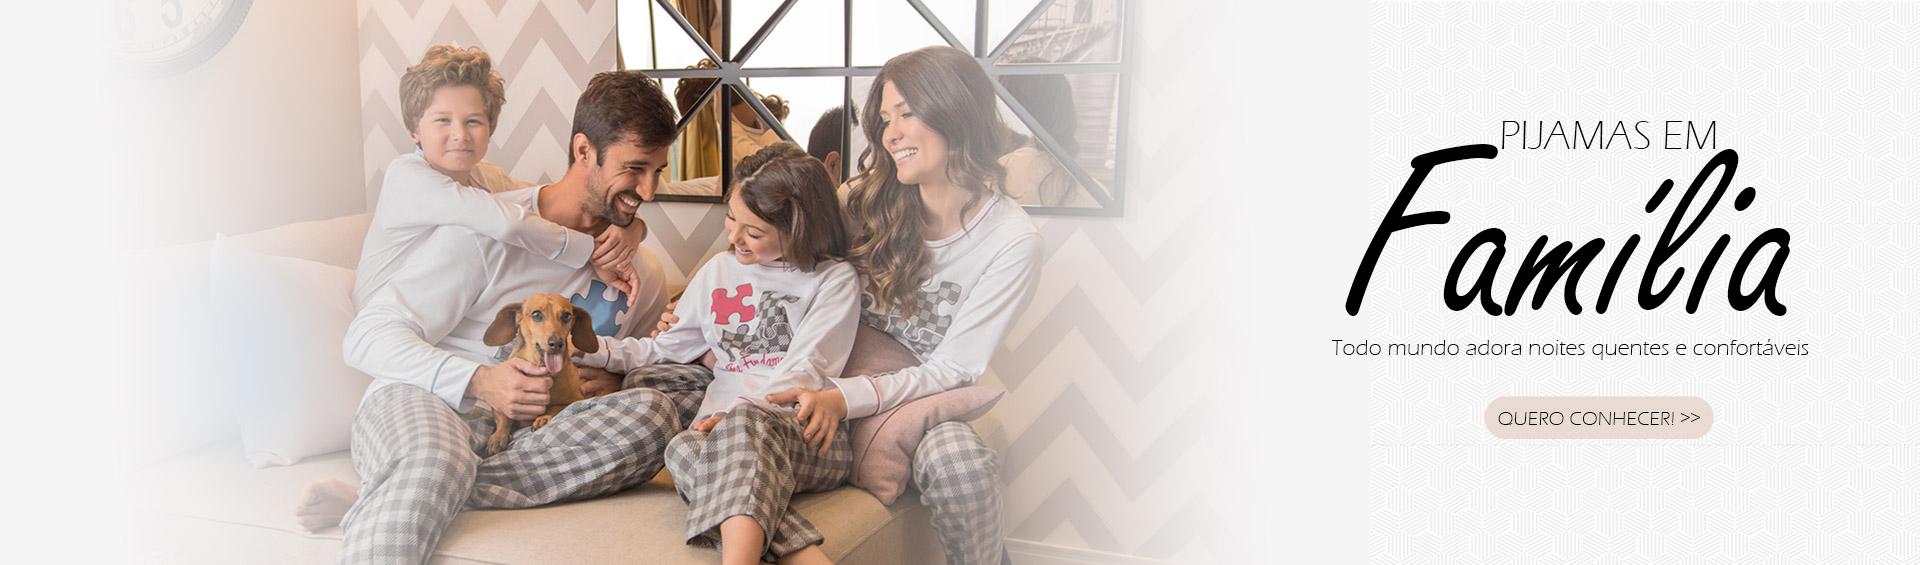 todo mundo adora pijamas quentes e confortáveis